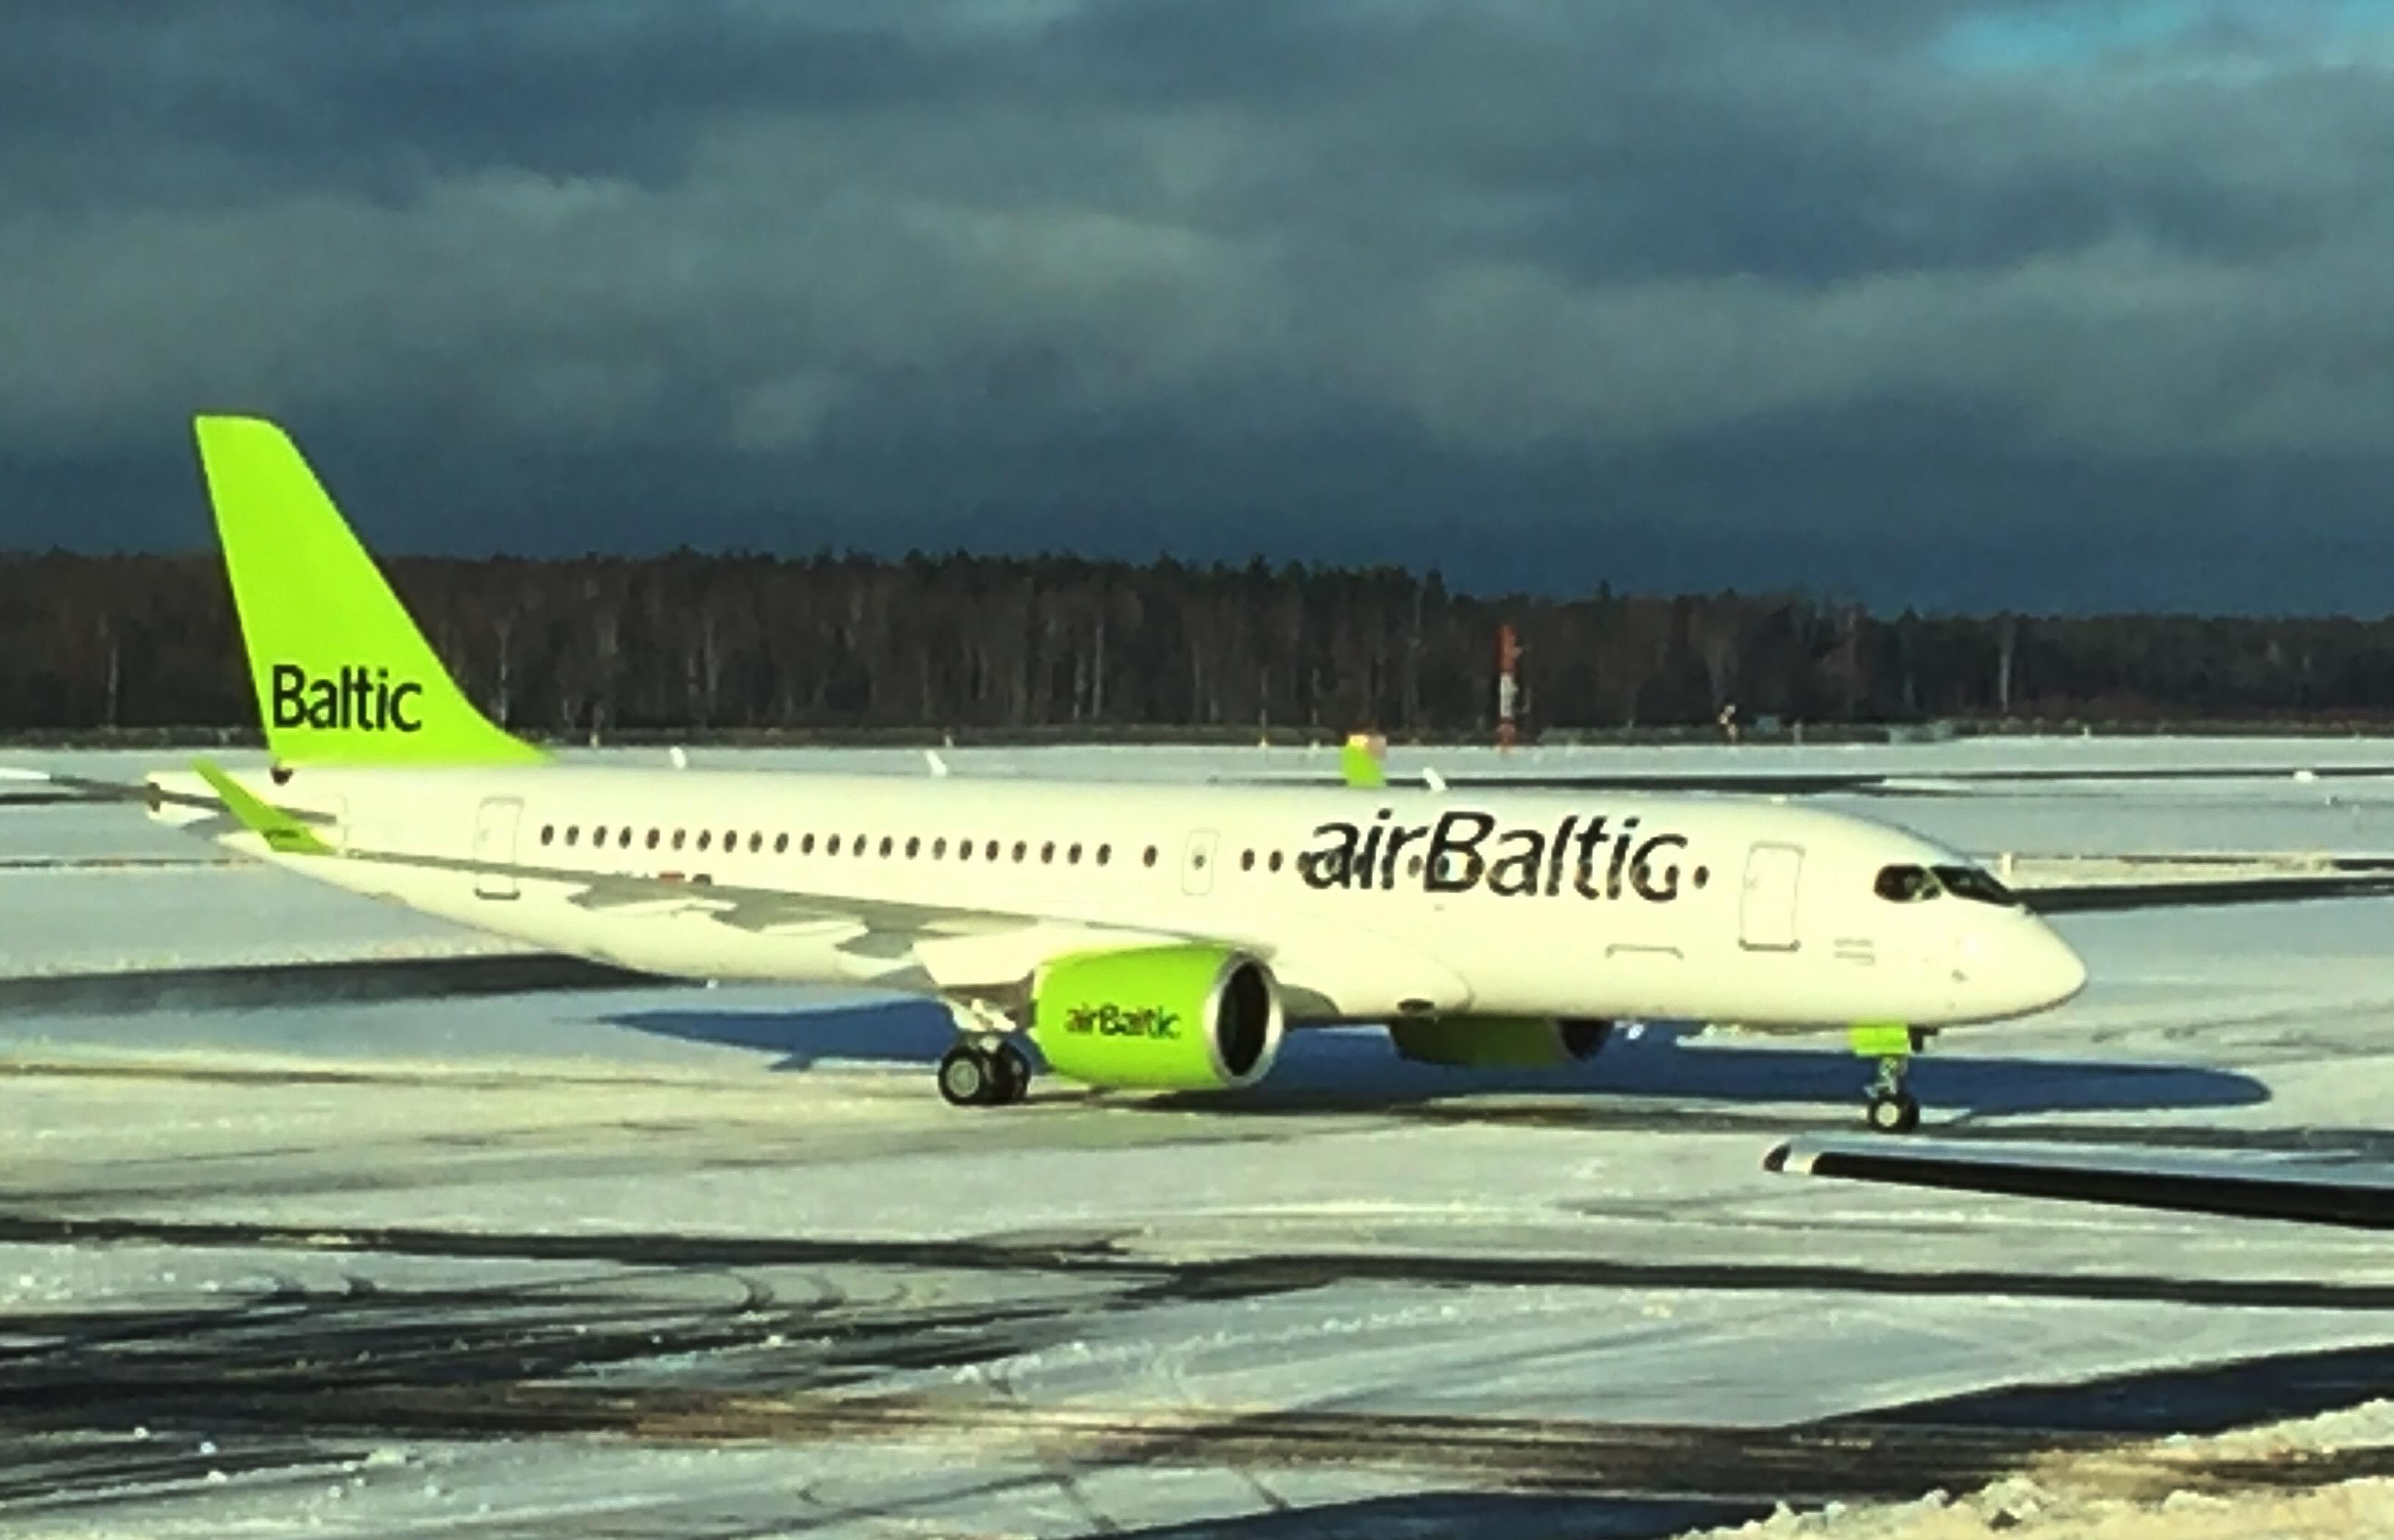 Det nye flagskib i airBaltics fåde, Bombardier CS300 i Riga lufthavn. Flyet på billedet er det første CS300 leveret. (Foto: Joakim J. Hvistendahl)